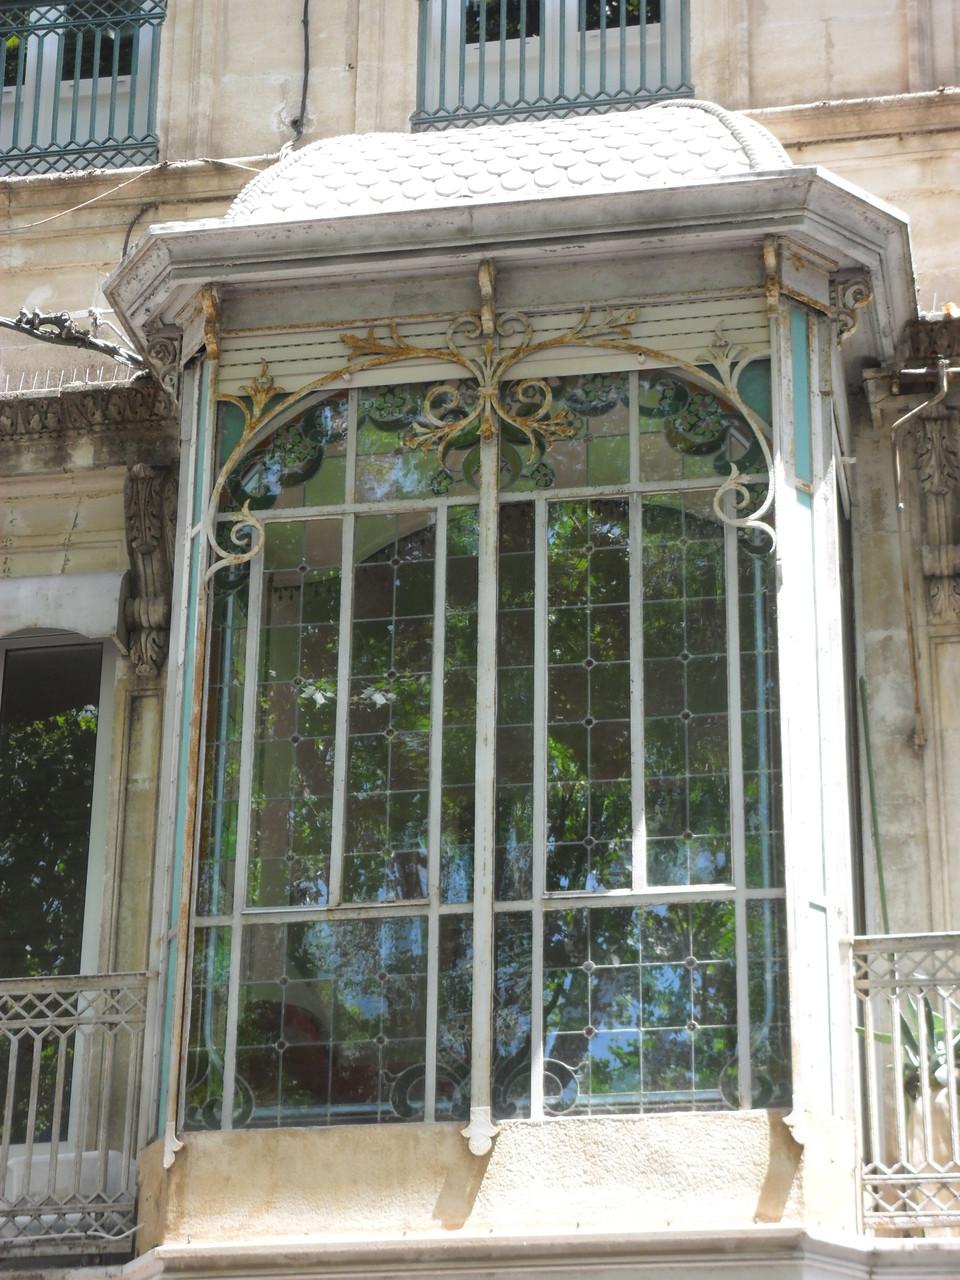 Restauration d'un oriel à Sète 34- Art du vitrail